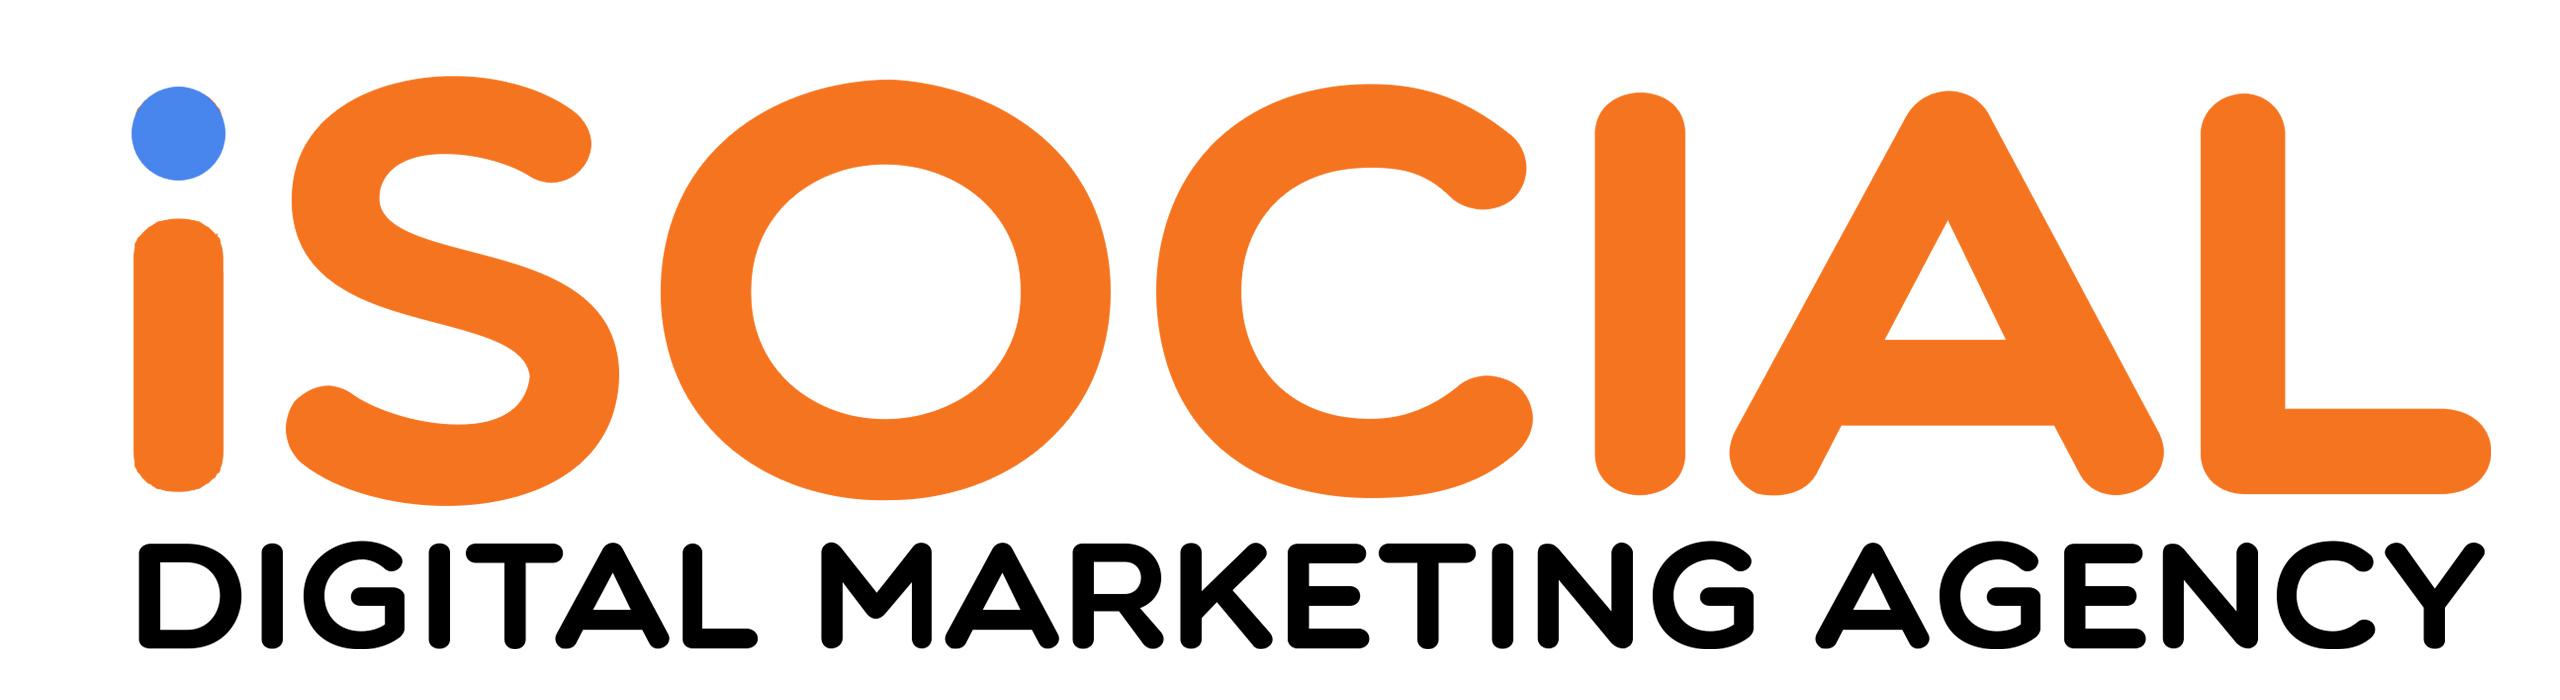 Digital Marketing : รับลงโฆษณา Google Ads, รับลงโฆษณา Facebook , สอนการทำตลาดออนไลน์, สอนโฆษณาเฟสบุ๊ค, สอนโฆษณา Google ads